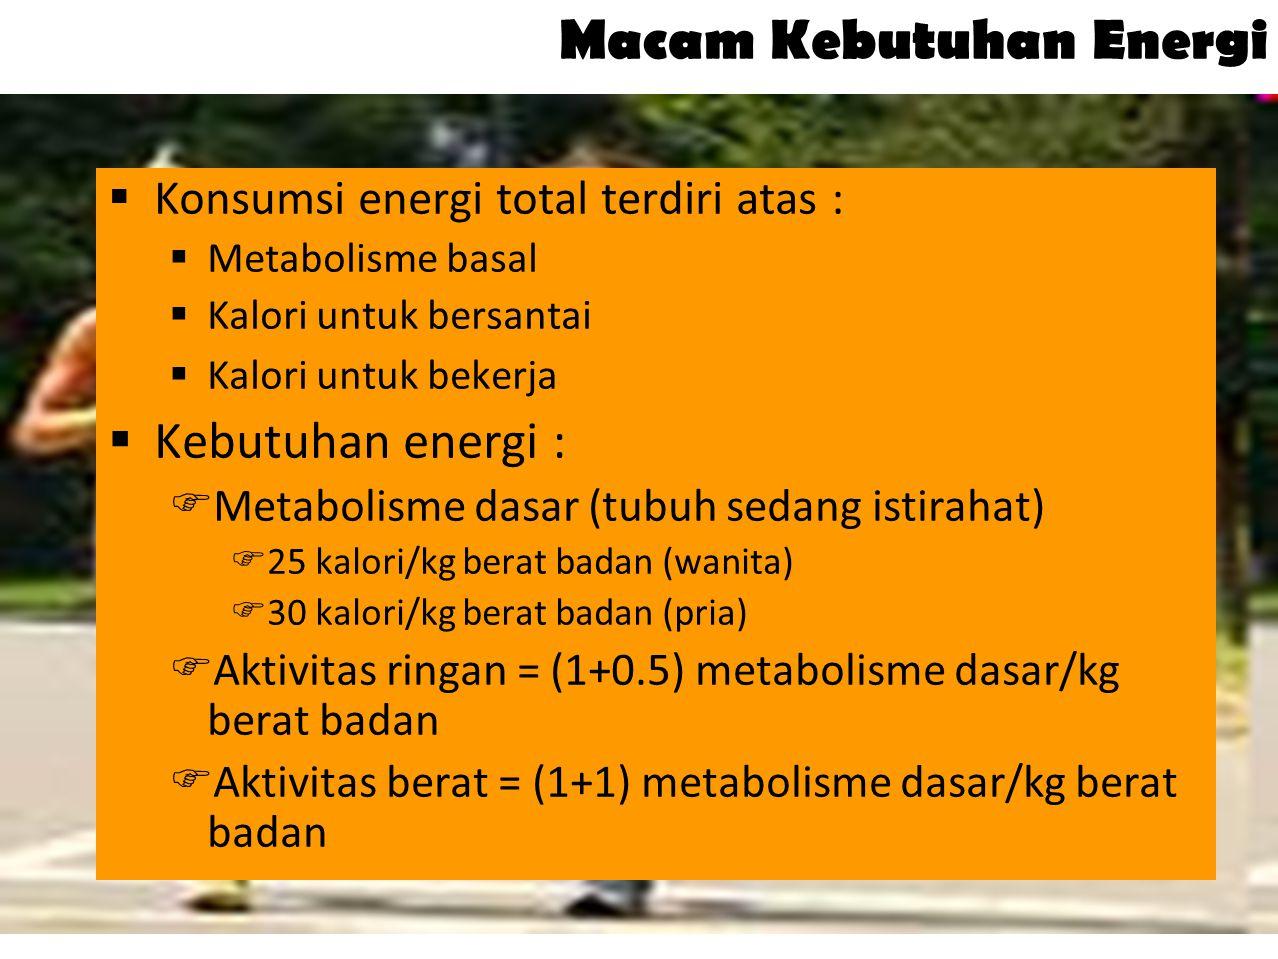 15 Basal Metabolic Rate  Basal Metabolic Rate (BMR) = kecepatan konsumsi energi untuk mempertahankan hidup  BMR diukur pada lingkungan dengan suhu yang diatur untuk seseorang beristirahat yang telah diatur dietnya selama beberapa hari dan tidak diberi makan selama 12 jam.